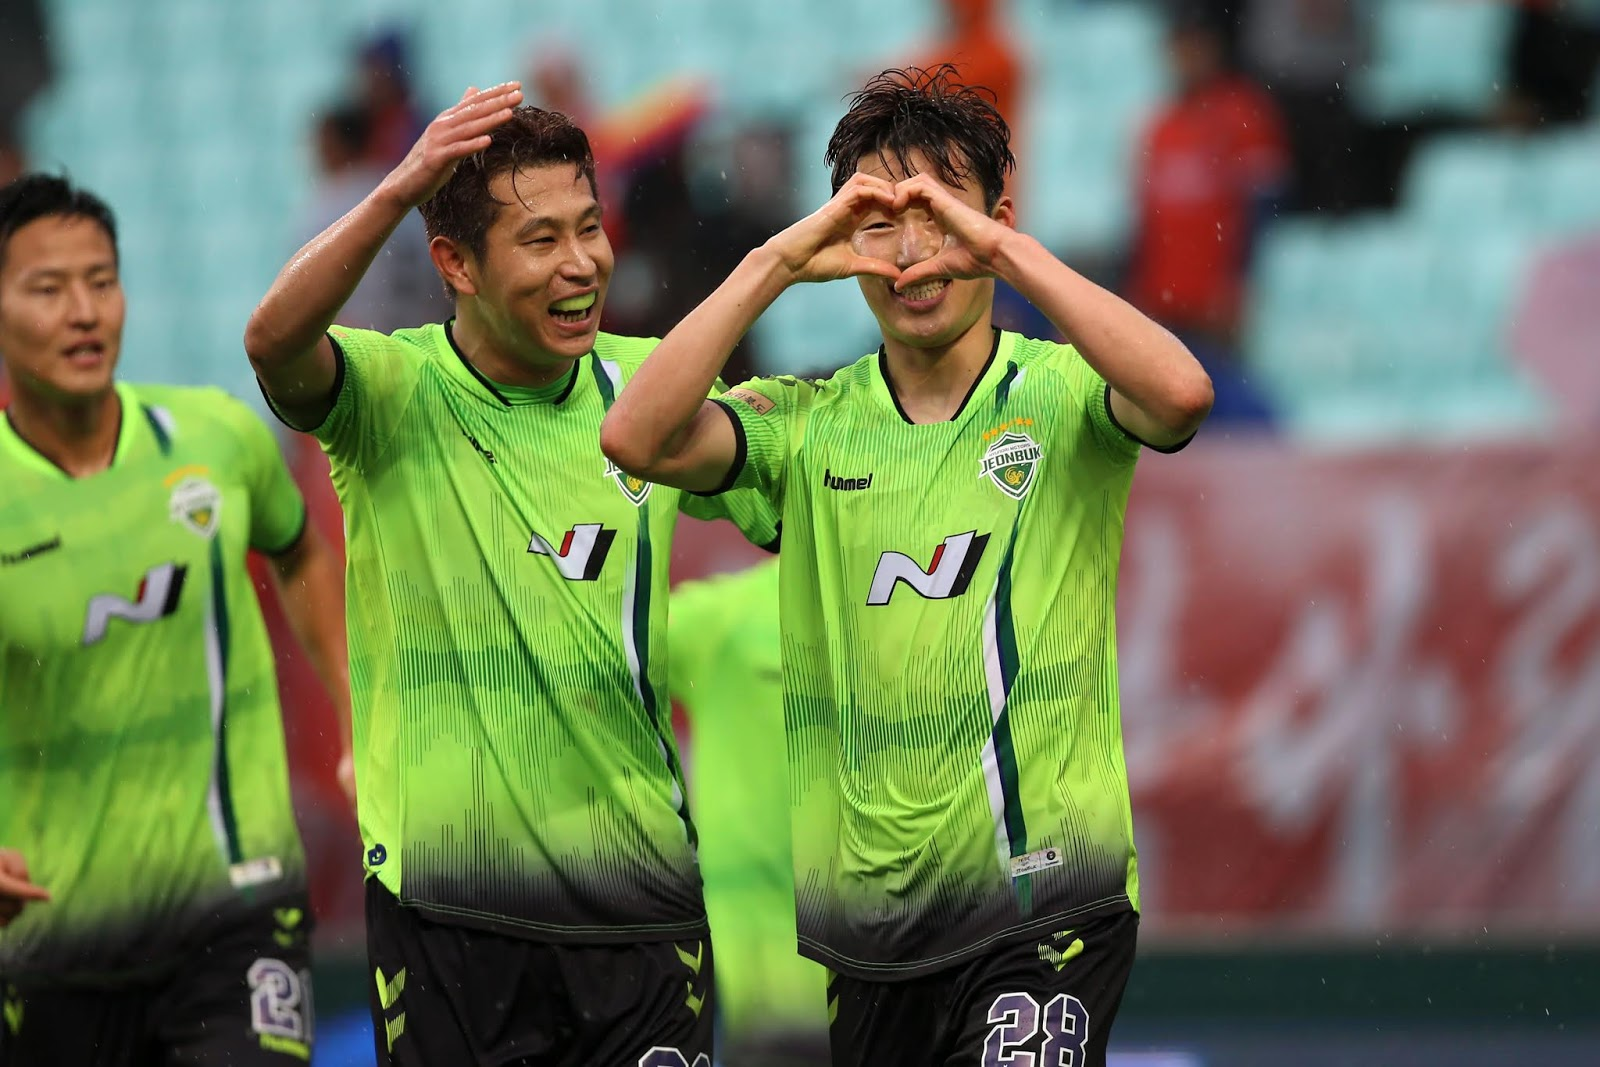 AFC Champions League 2020 Preview: Jeonbuk Hyundai Motors vs Yokohama F. Marinos